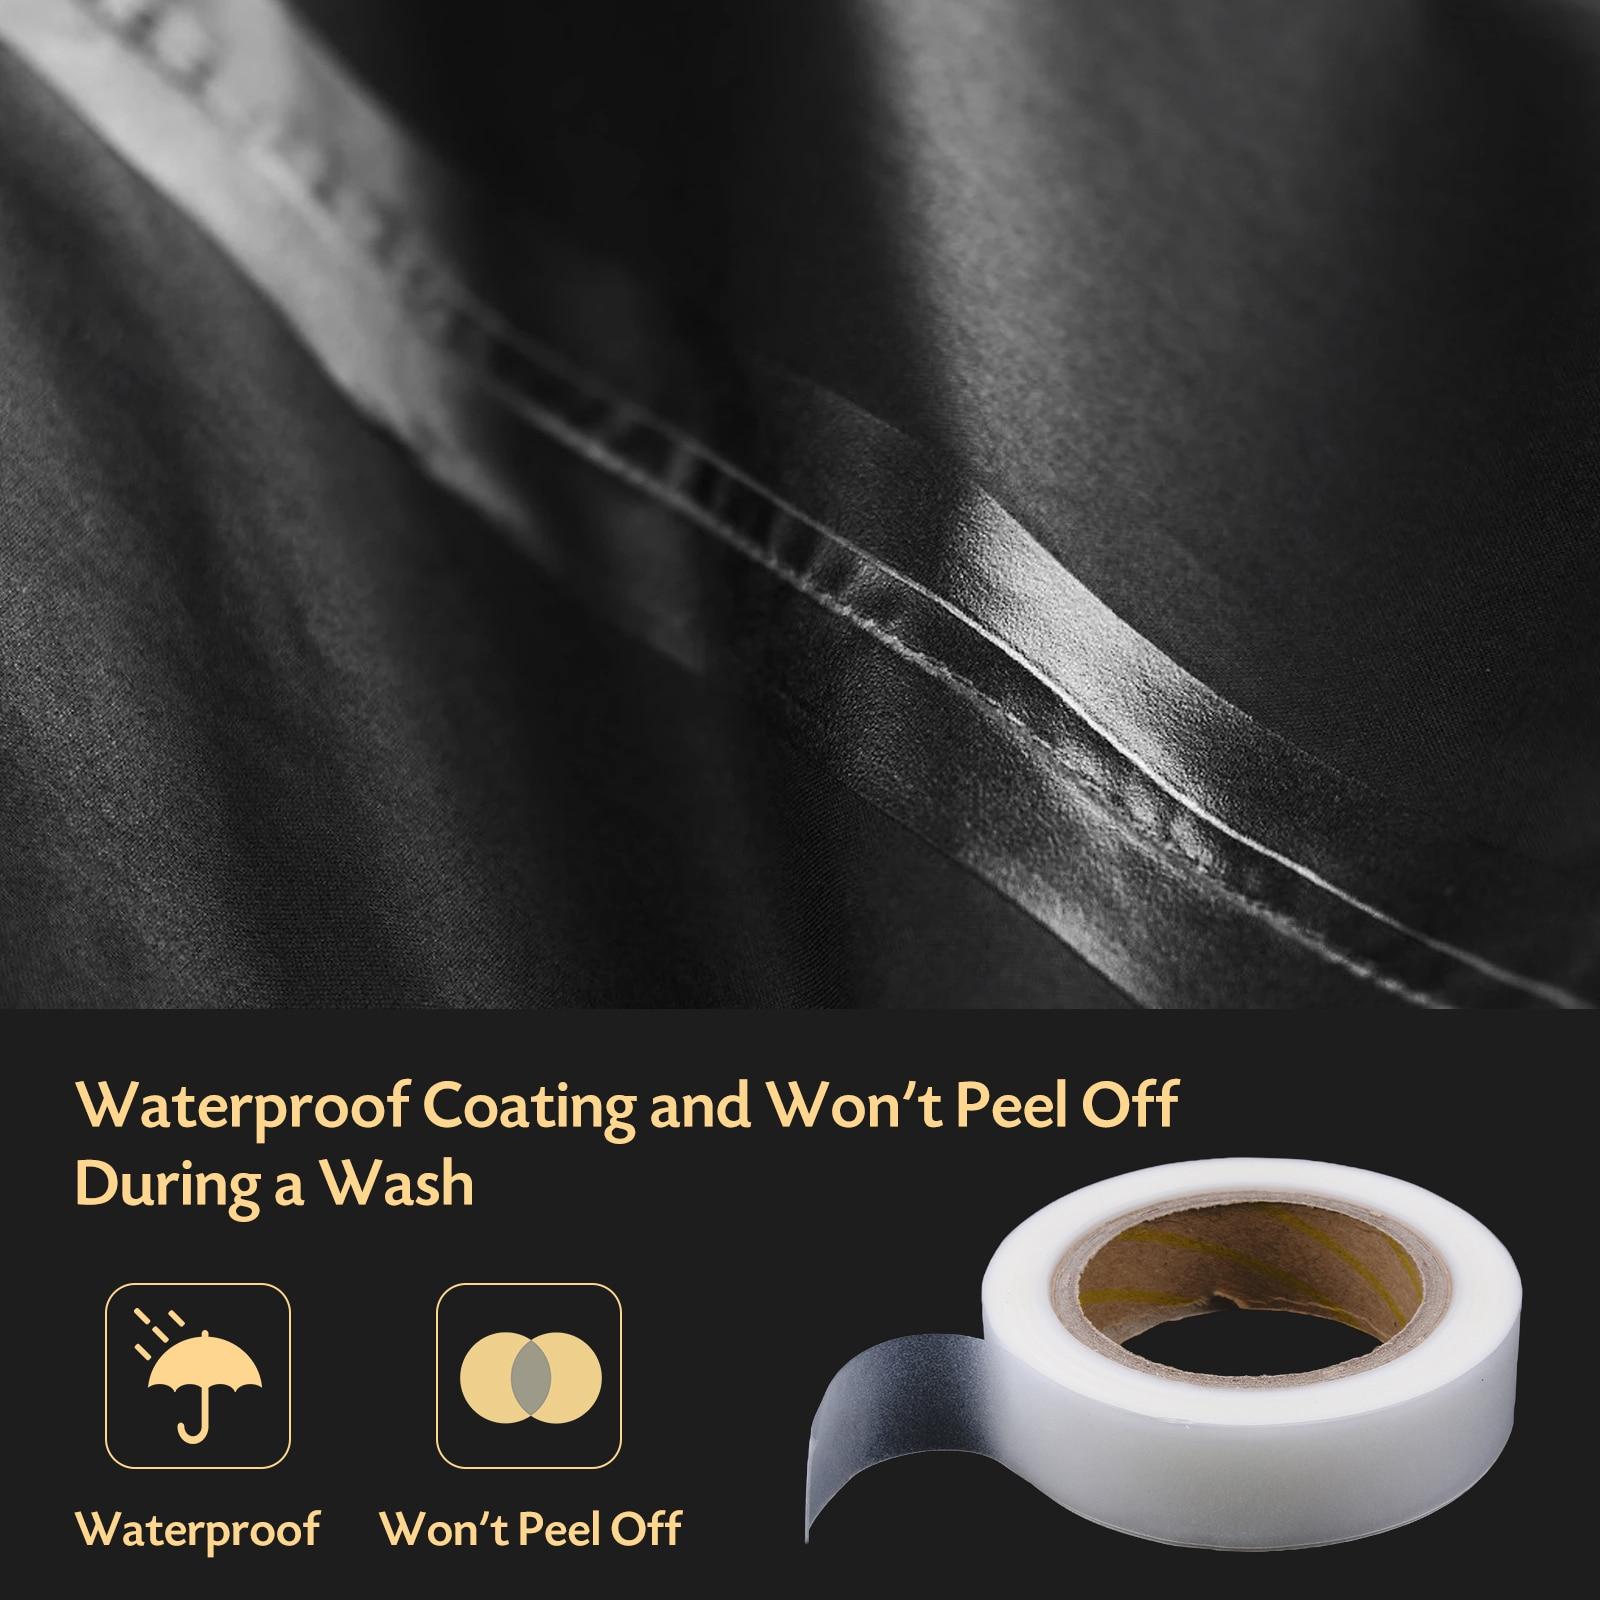 cinta-de-sellado-de-costura-de-20m-hierro-sobre-fusion-en-caliente-con-2-capas-para-cubierta-de-pu-impermeable